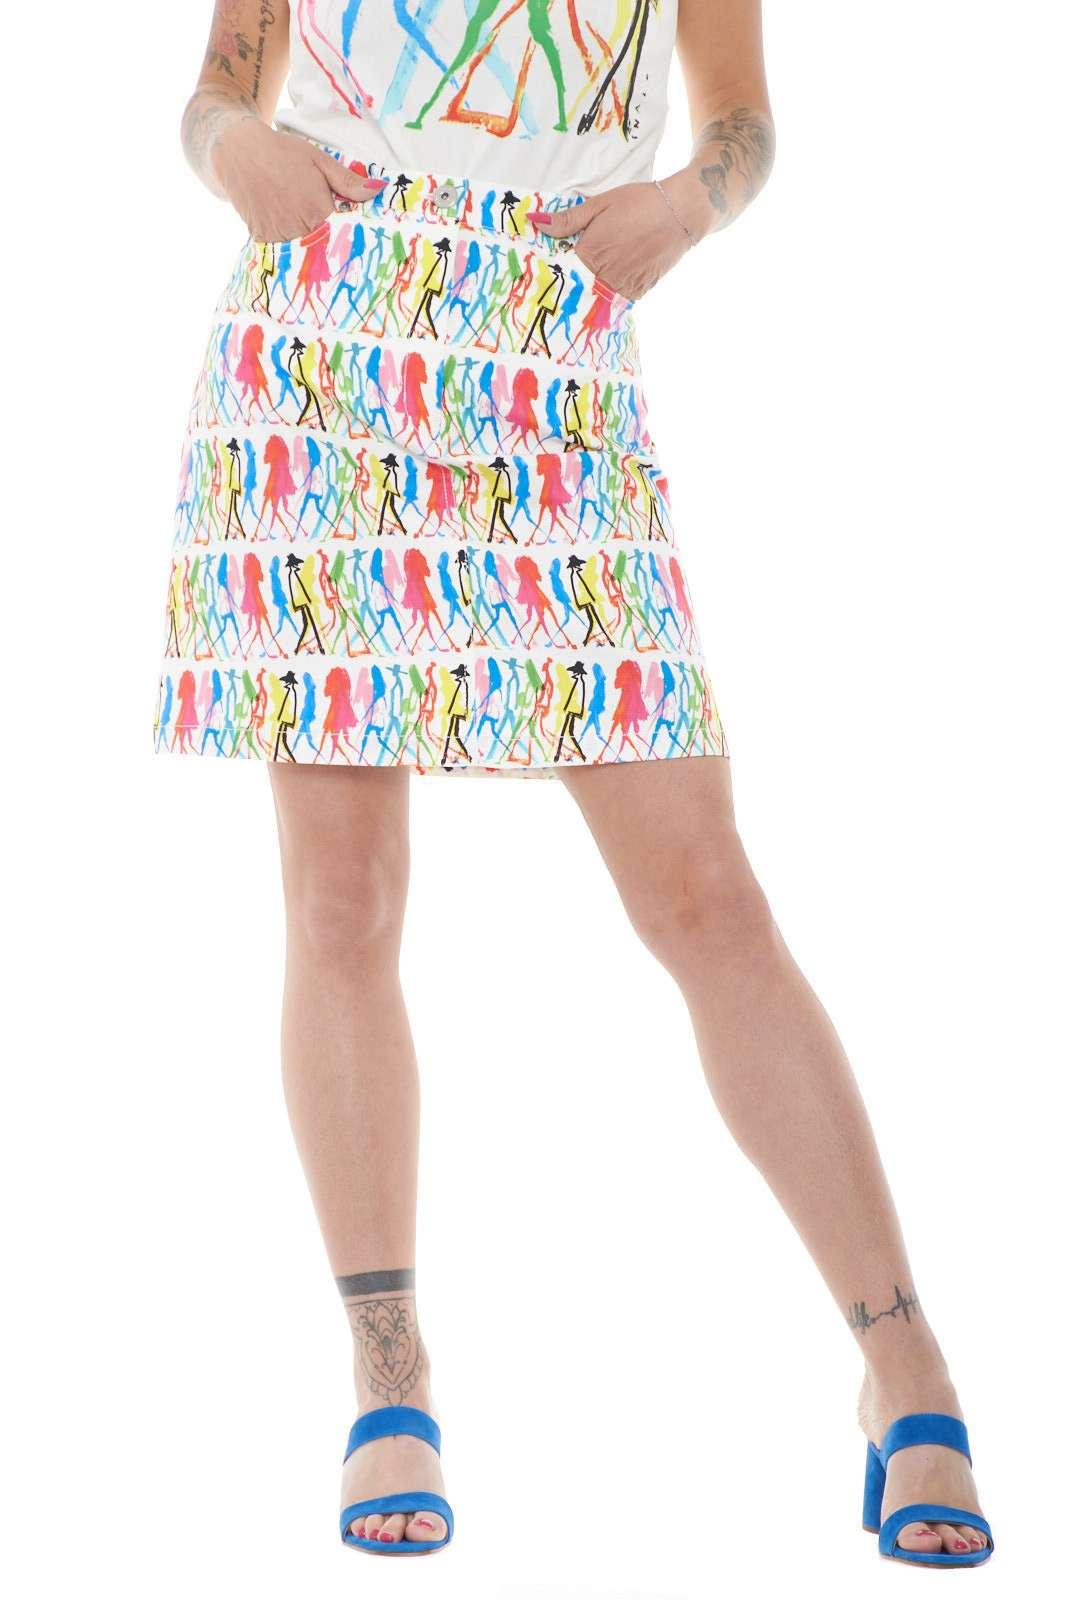 Una gonna dal taglio jeans quella proposta dalla nuova collezione Weekend MaxMara. Da indossare con con una T shirt o con una camicia, conquista per la sua fantasia multicolore. Un must have di stagione per gli outfit casual chic.